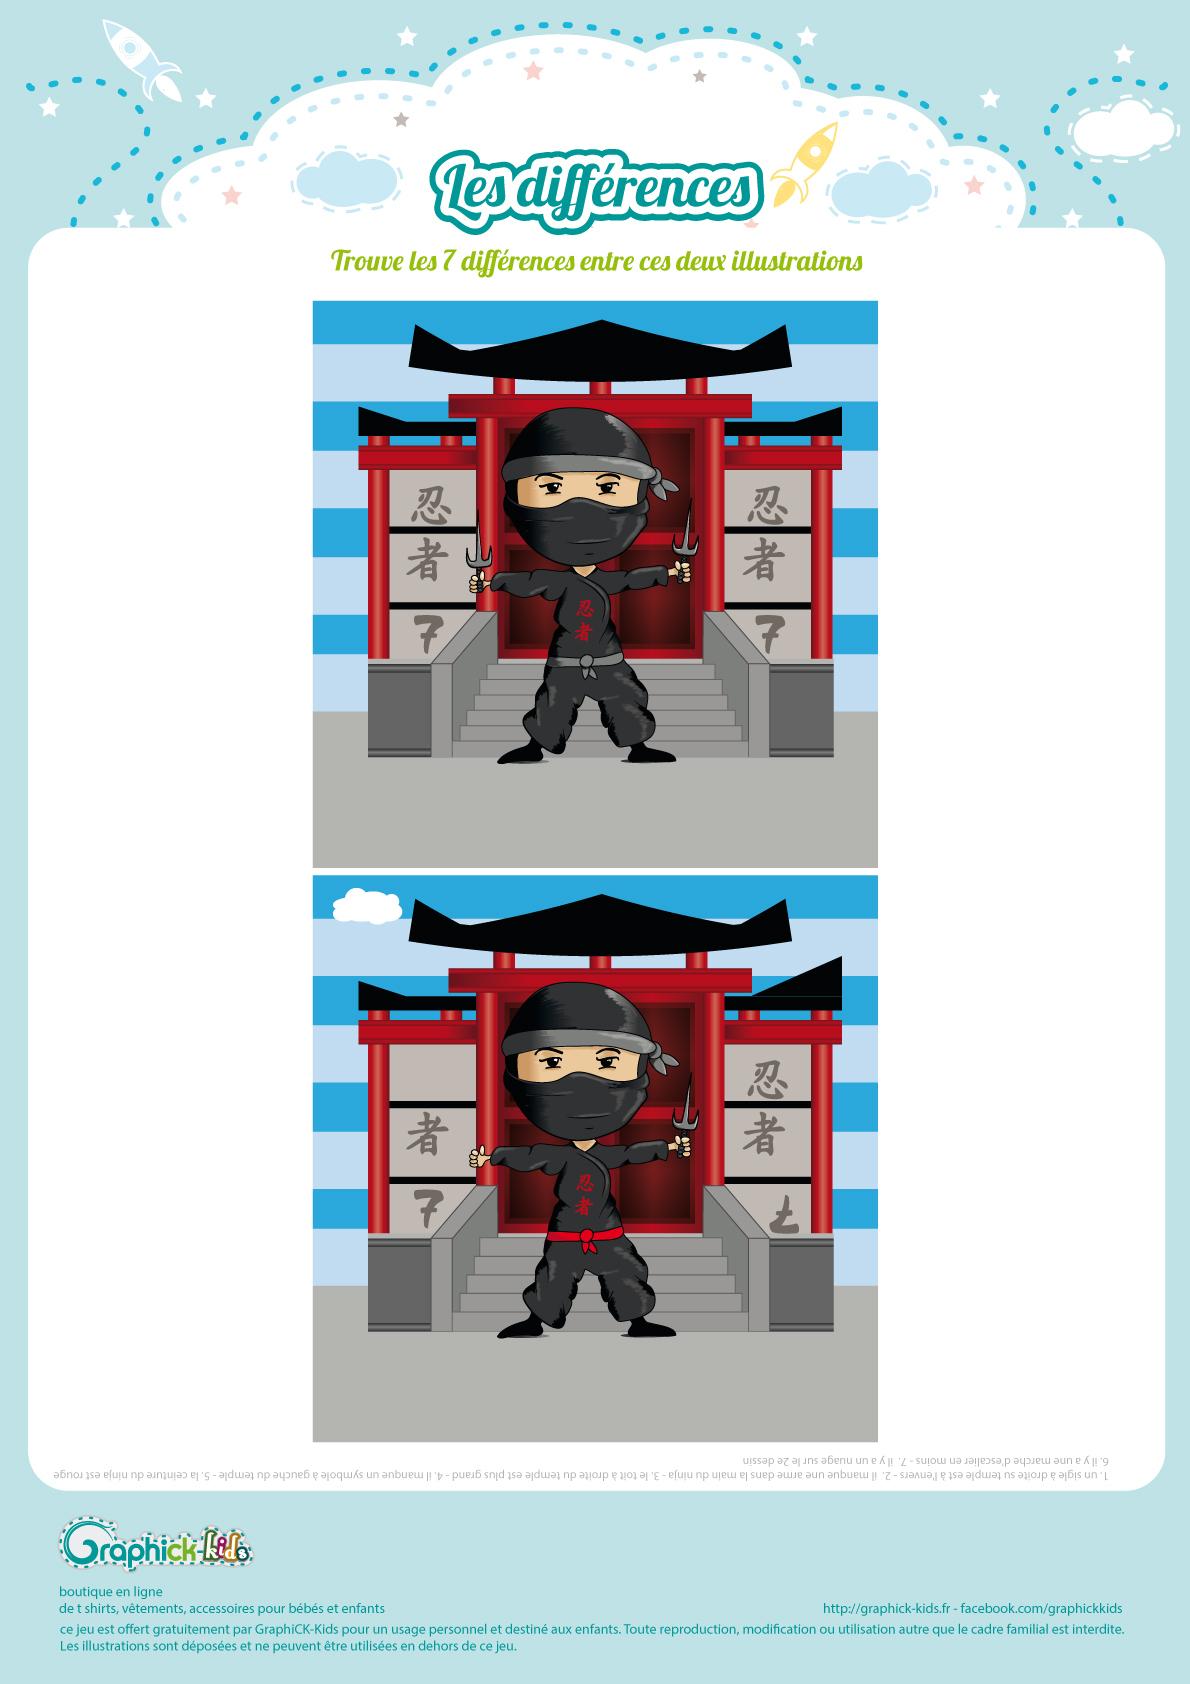 L'activité Du Mercredi : Les Différences Du Ninja - Graphick tout Jeux Rigolos Gratuits